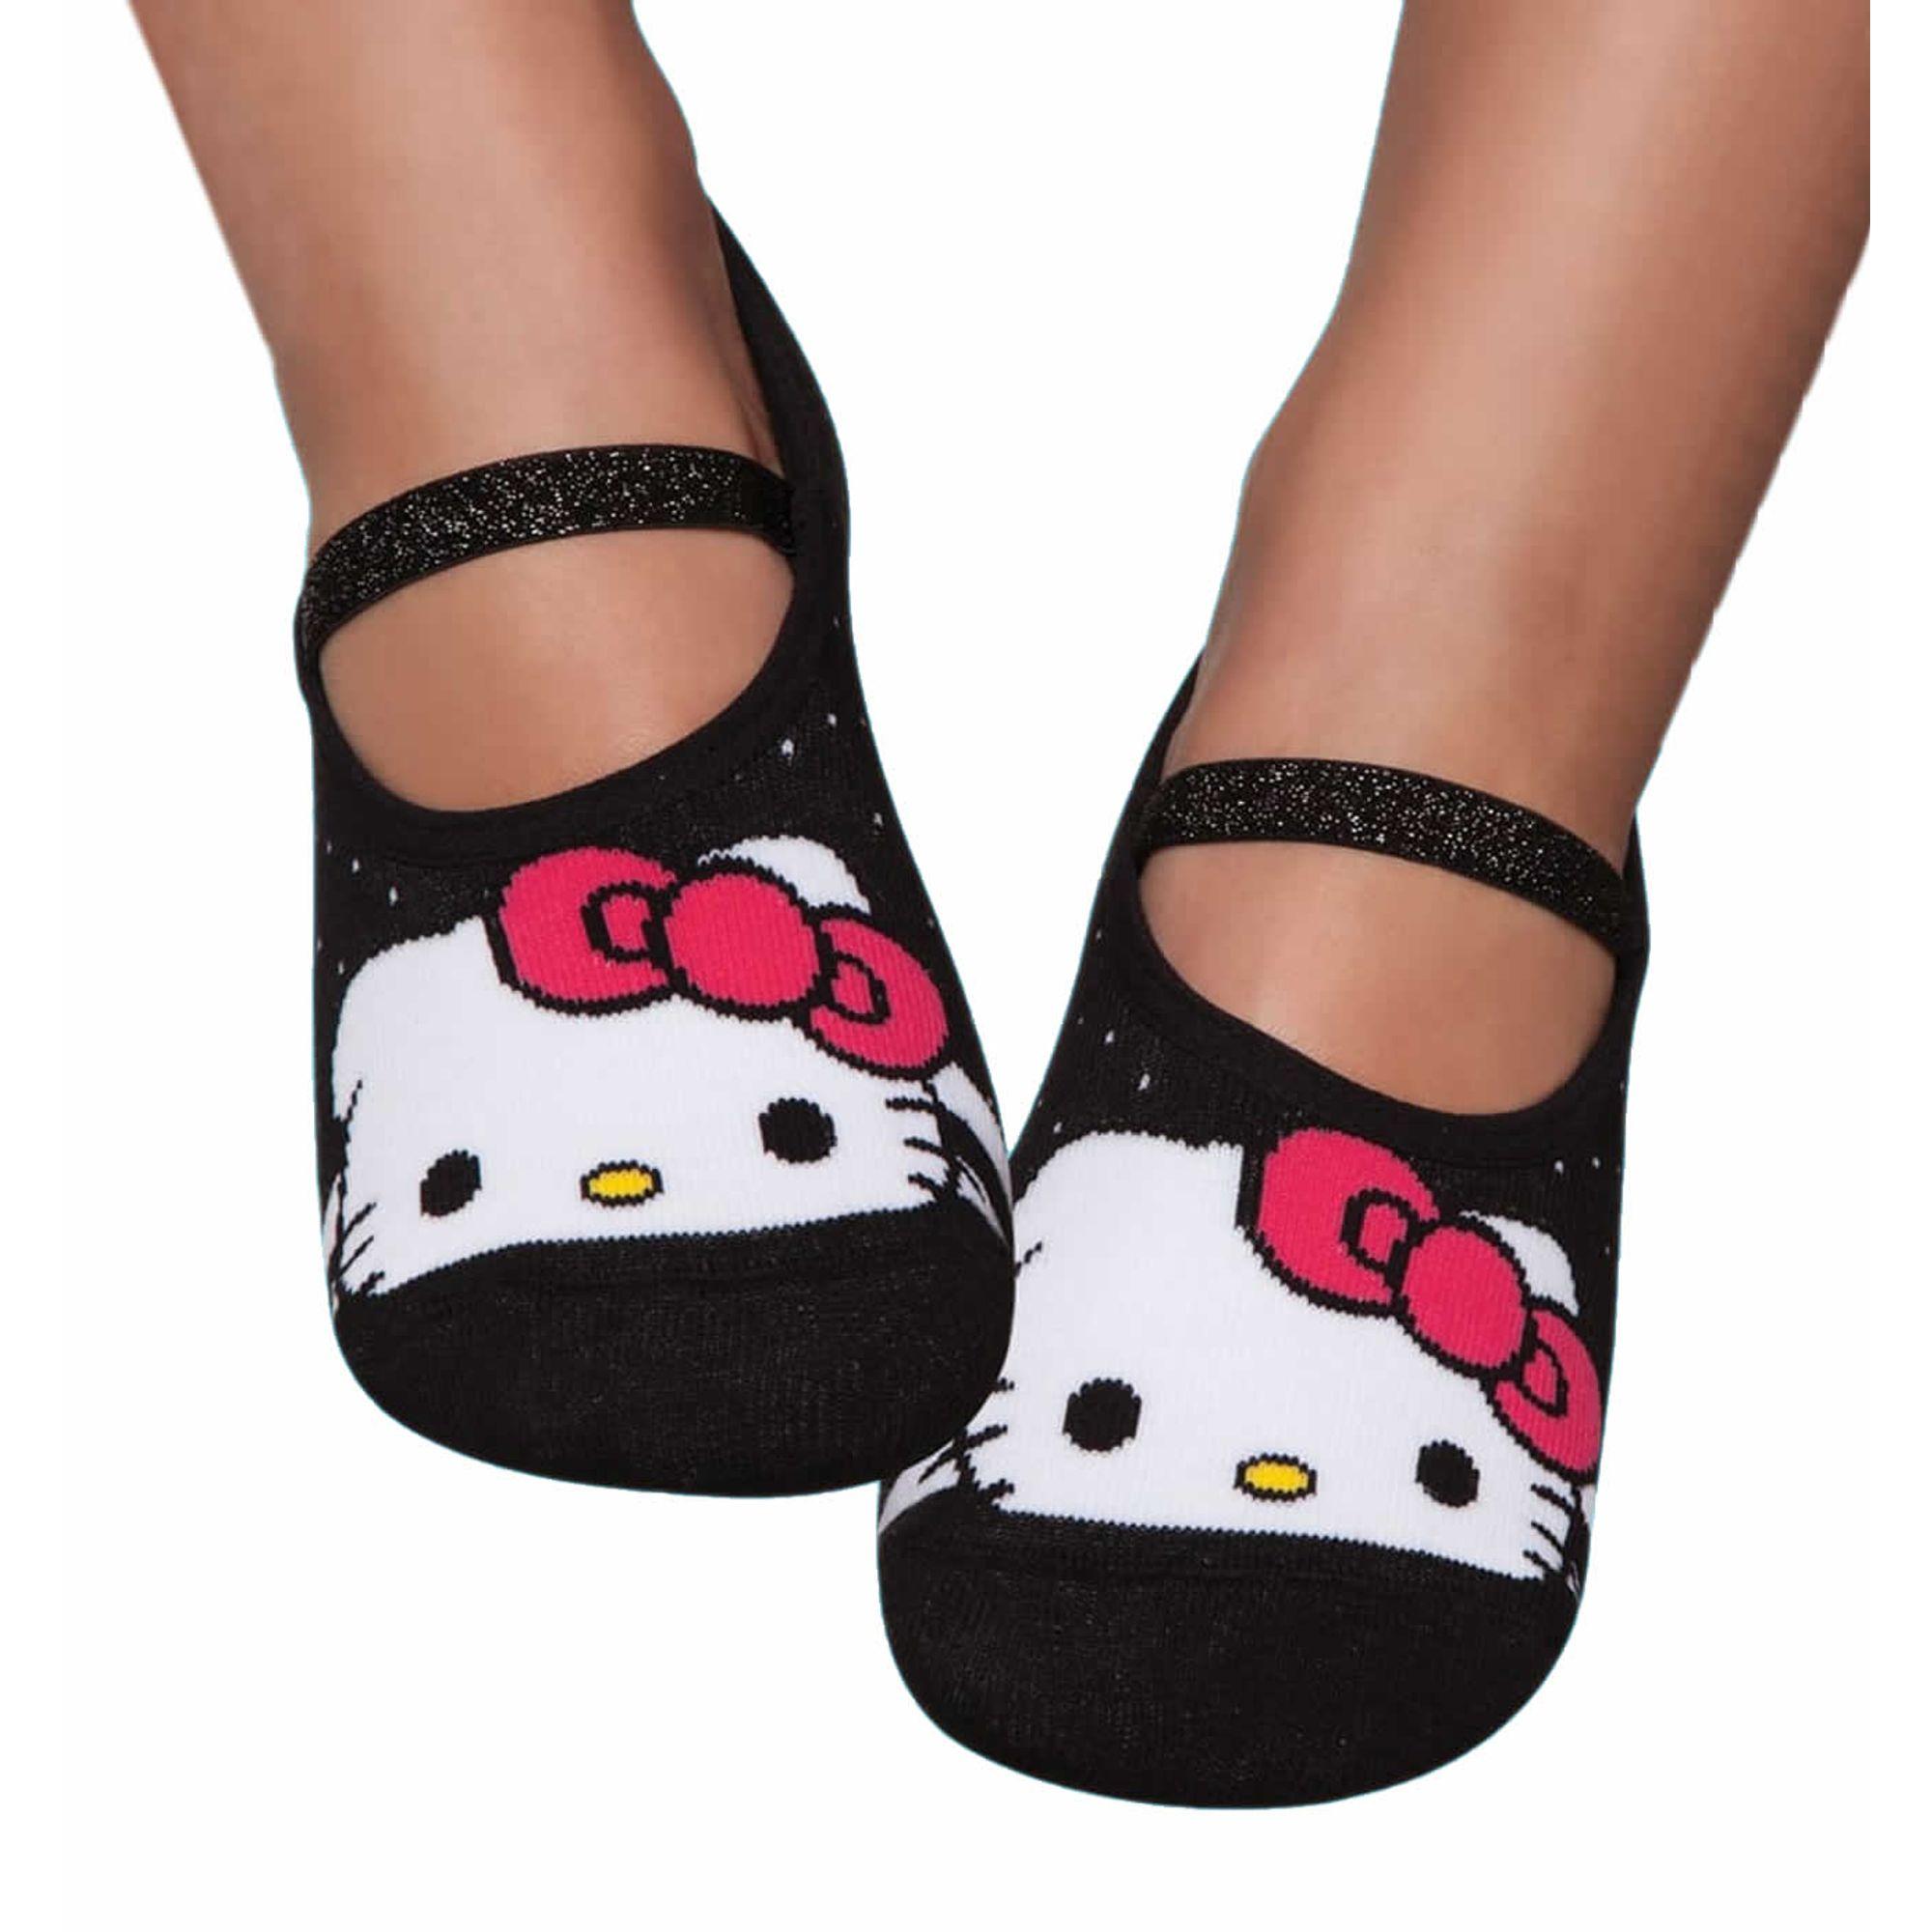 7e2ff95f4 Meia Infantil Sapatilha Hello Kitty com Solado Antiderrapante Puket -  EcaMeleca